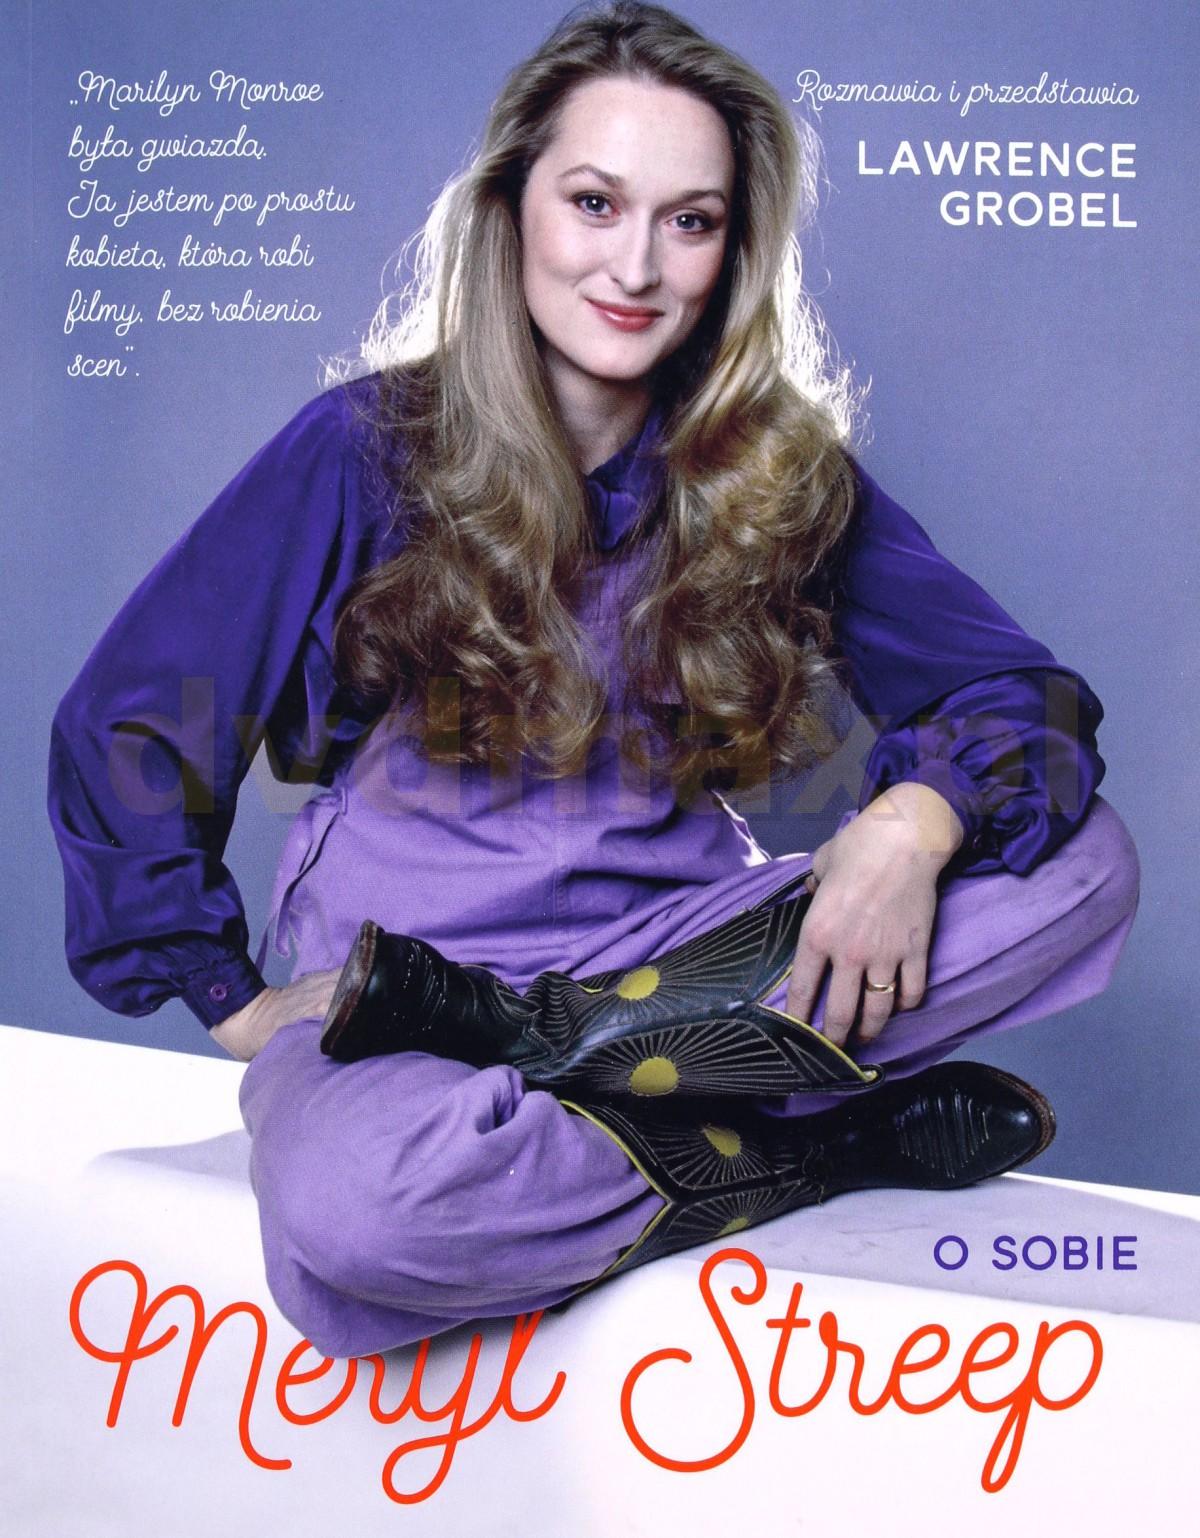 Meryl Streep o sobie - Lawrence Grobel [KSIĄŻKA] - Lawrence Grobel